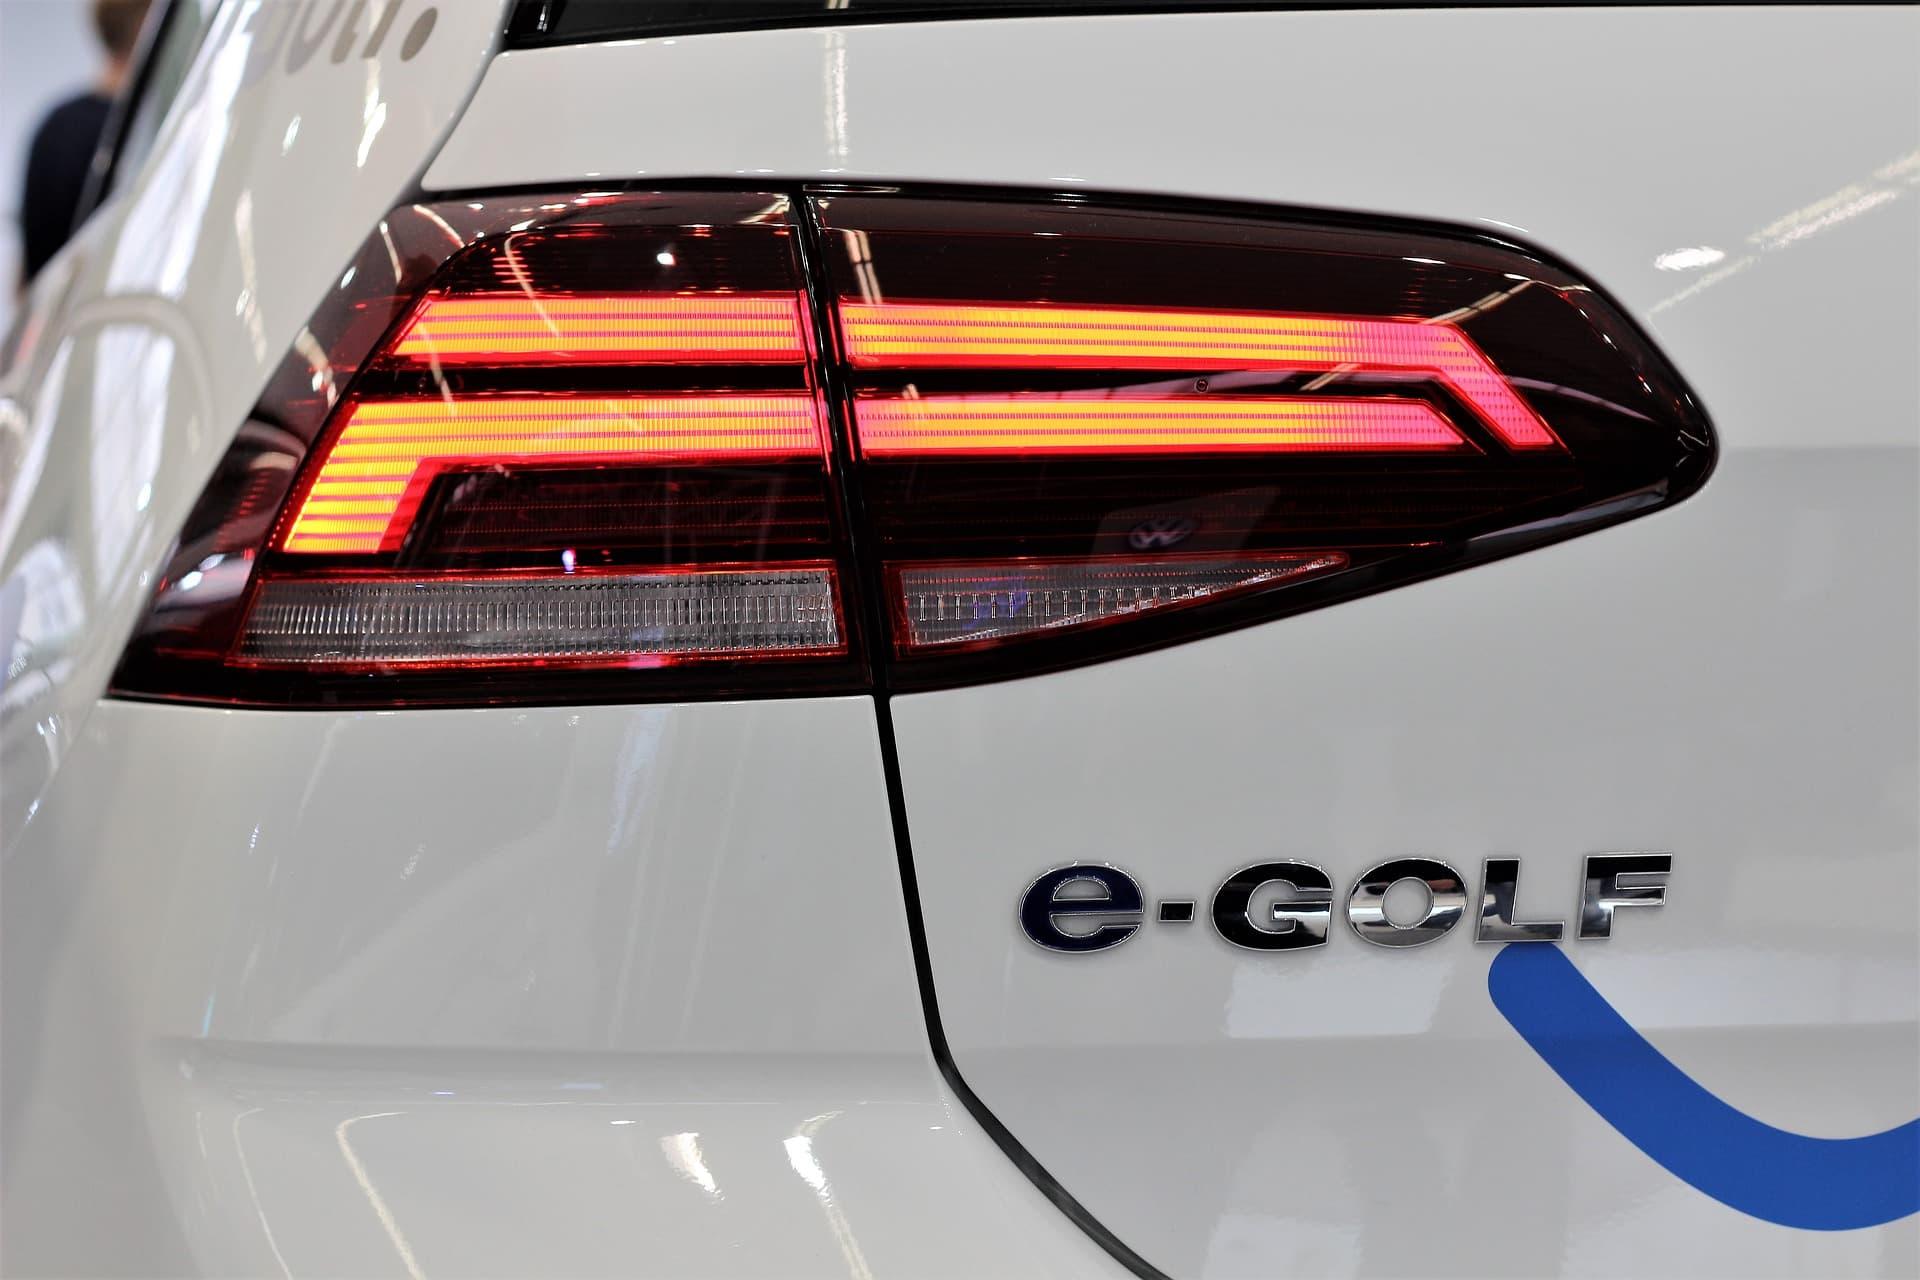 Elektrisch rijden e-golf import